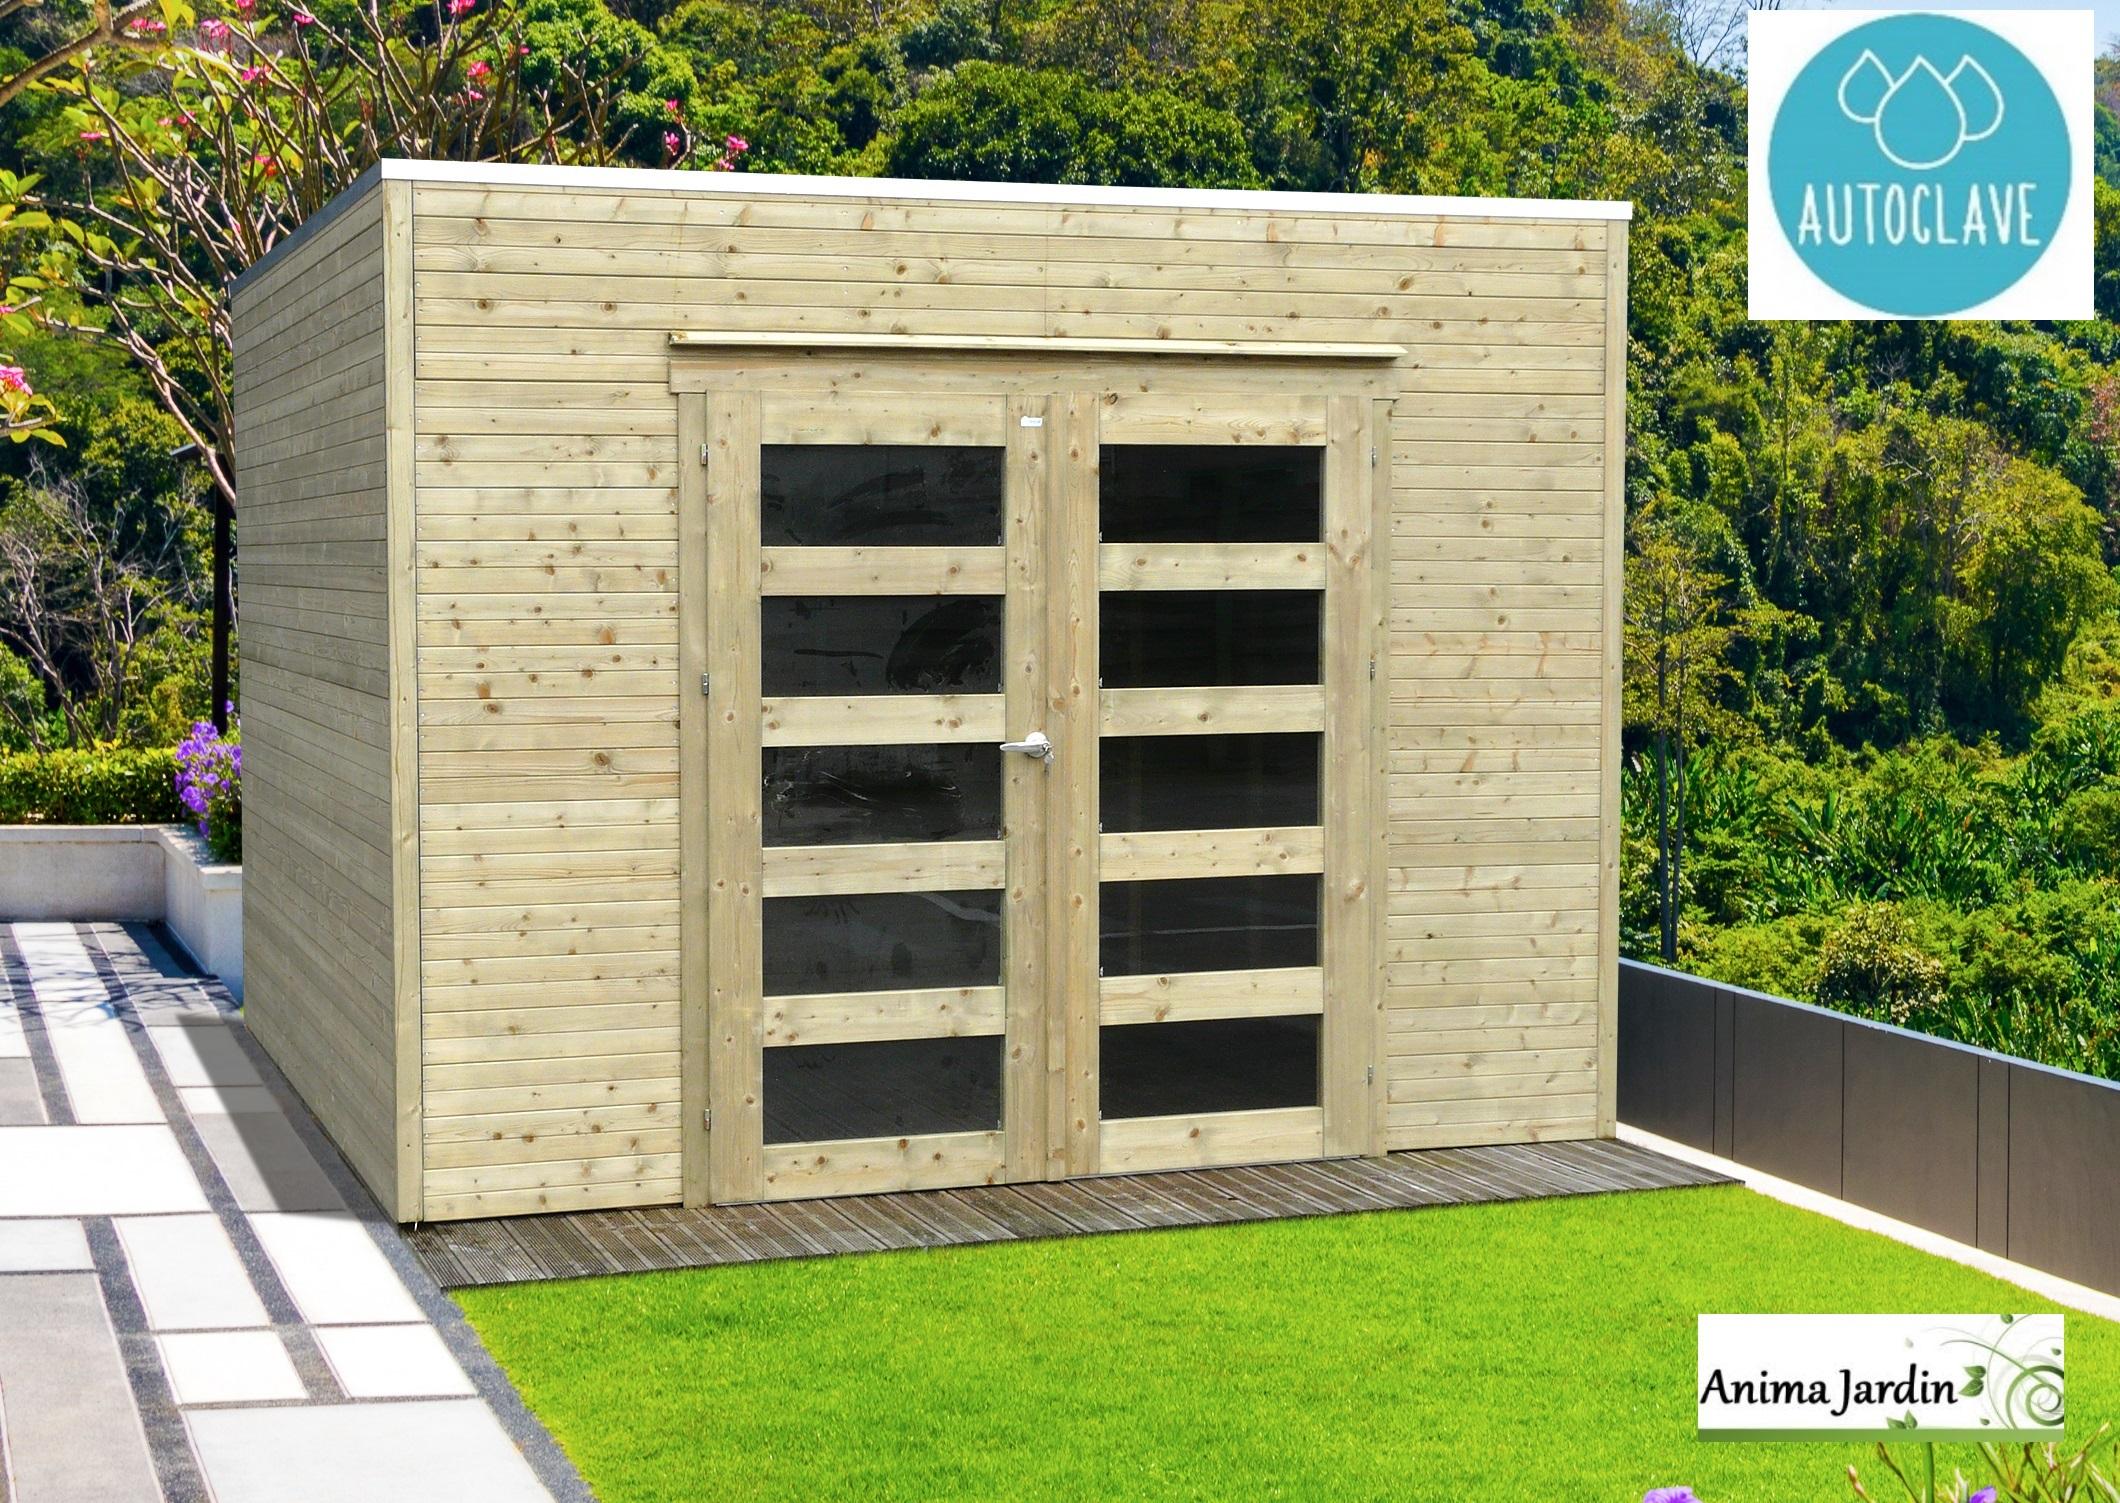 Abri De Jardin En Bois Autoclave 19Mm, Bari, 8M², Toit Plat ... pour Abri De Jardin Toit Plat